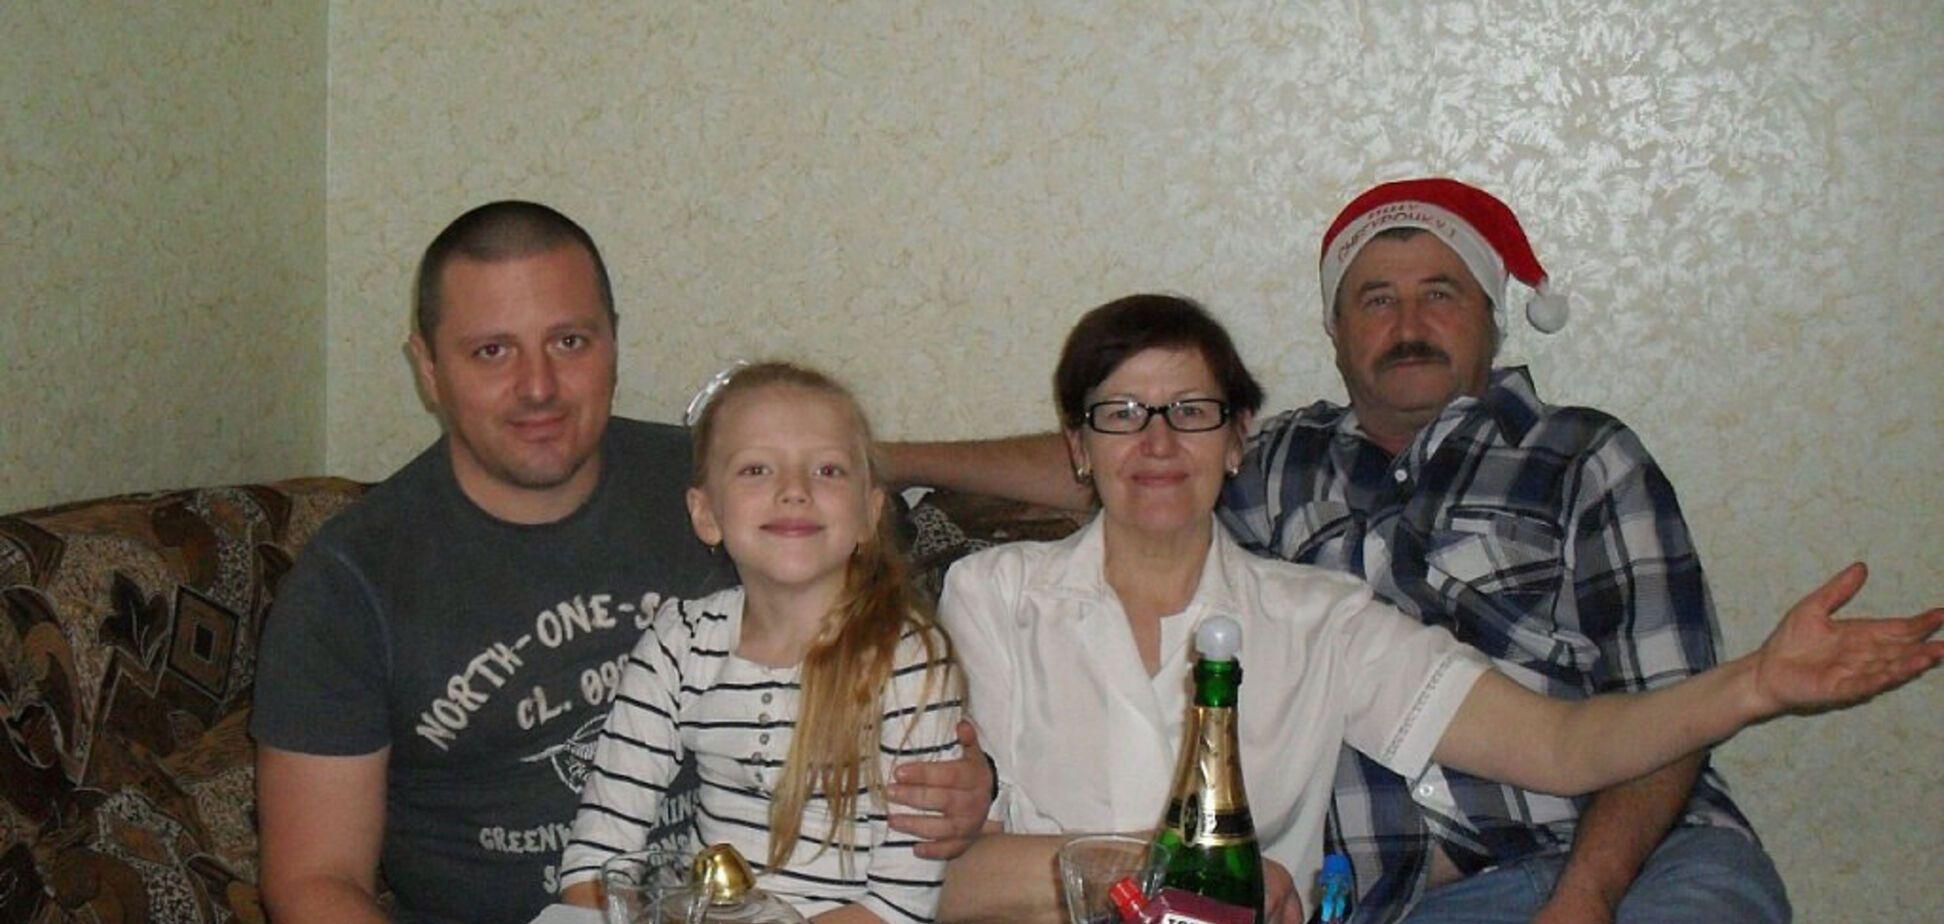 Сплошные 'Одноклассники': опубликованы фото семьи Корнета